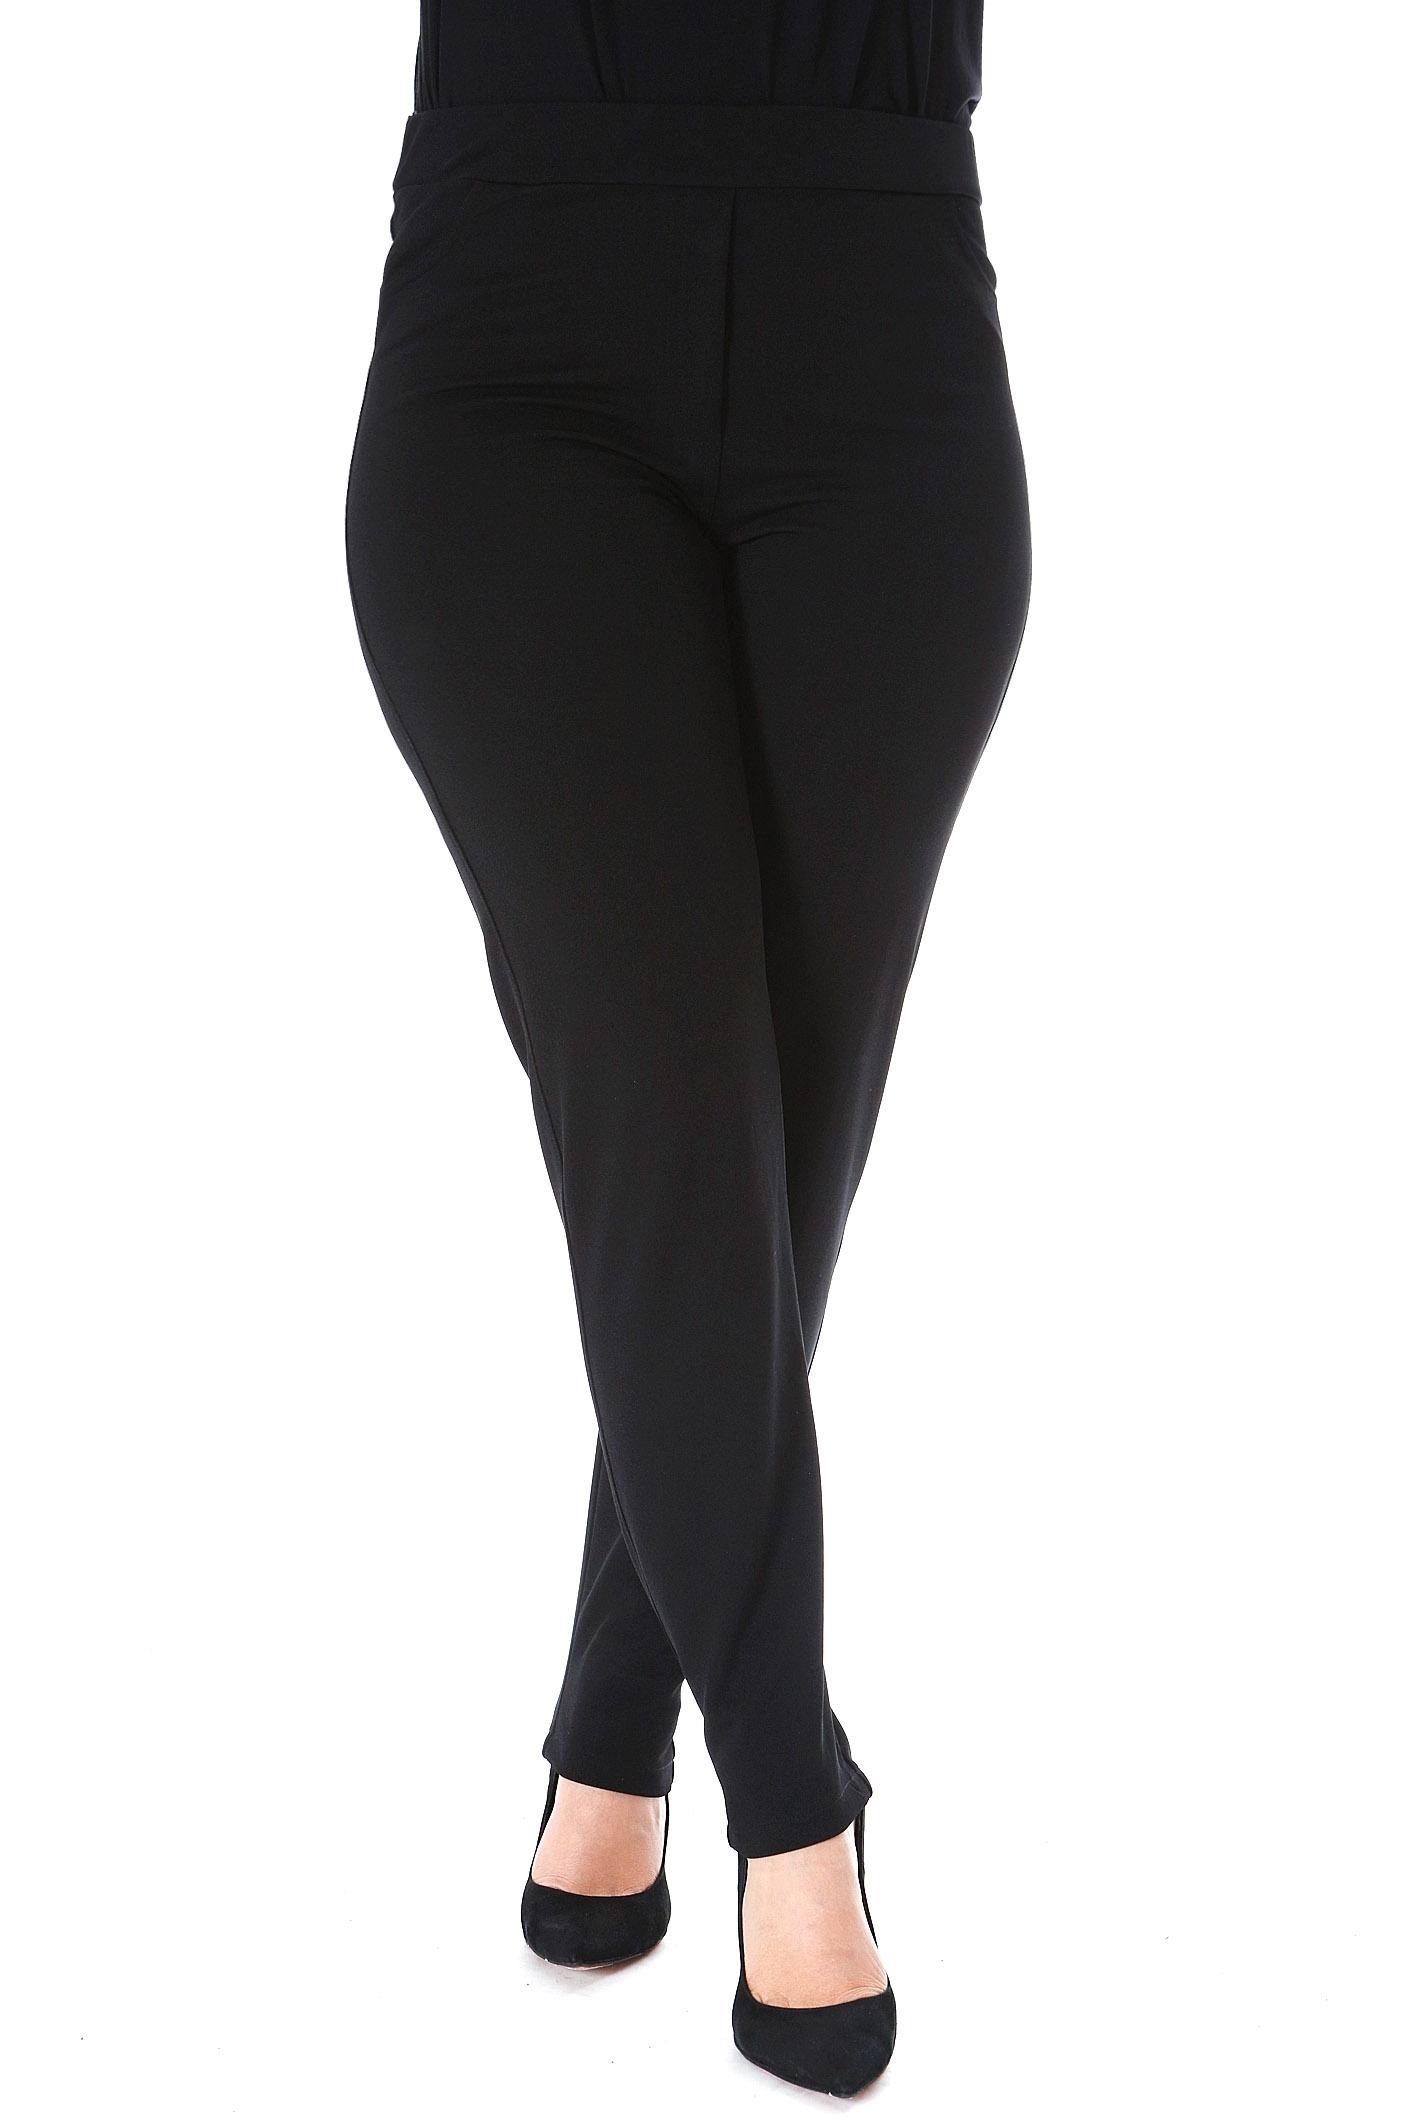 Παντελόνι μαύρο νέες αφίξεις   ενδύματα   παντελόνια   κολάν   ossigeno